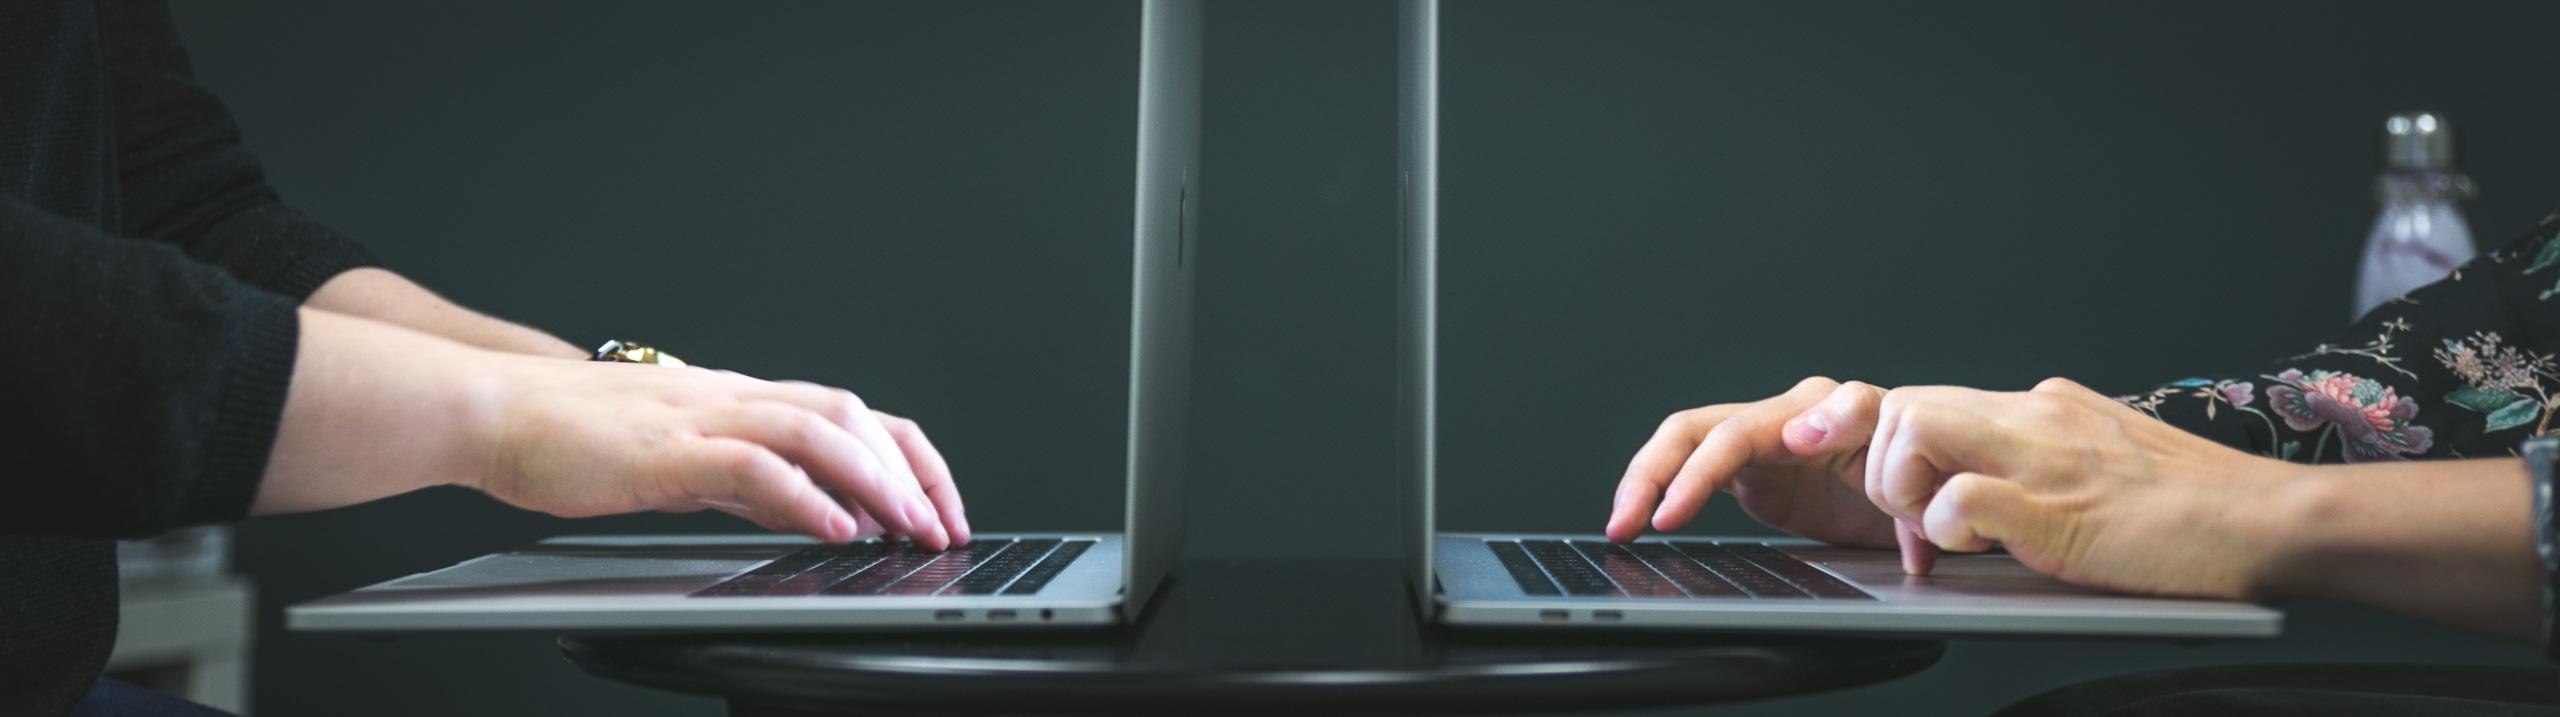 avoimet työpaikat ohjelmistokehitys